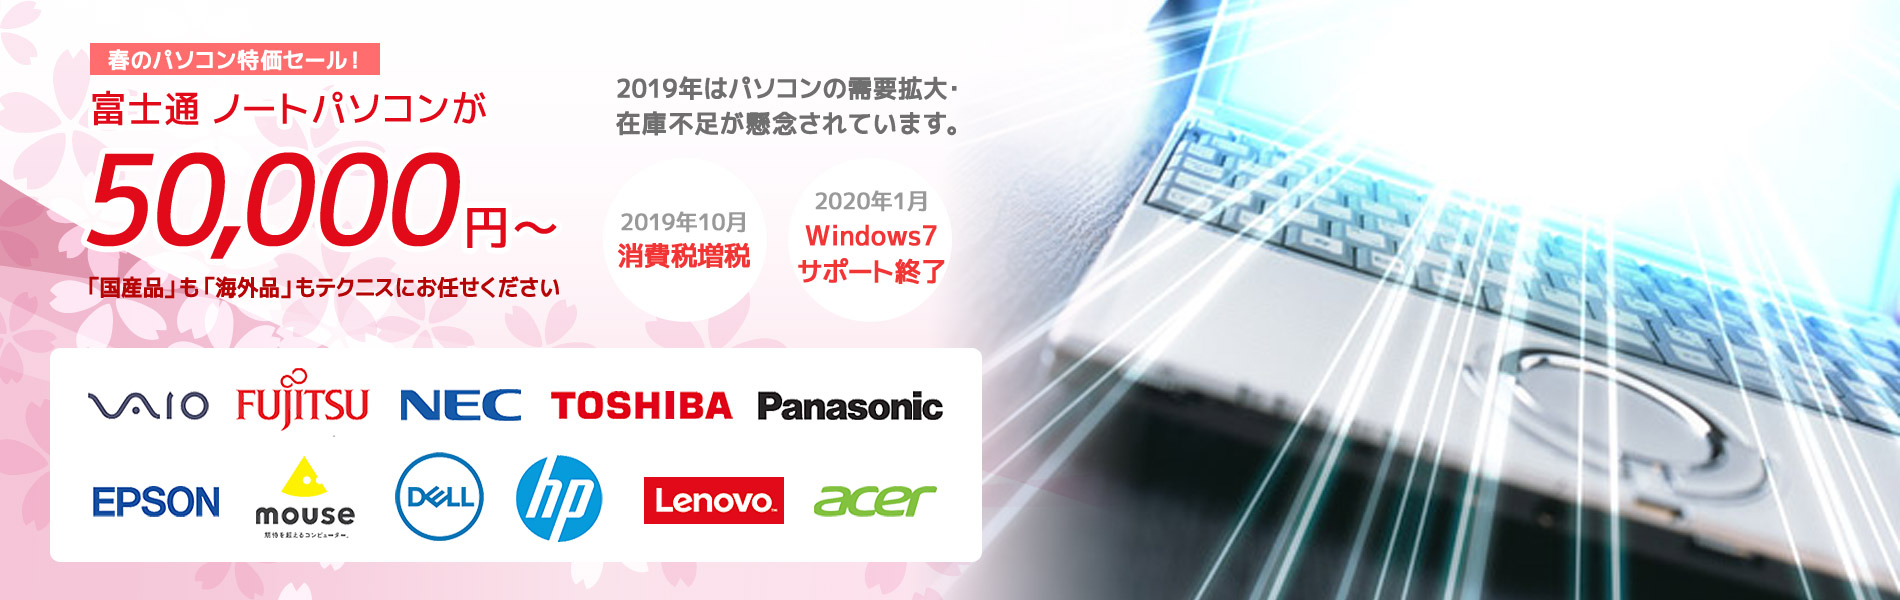 【パソコン春の特価セール!】富士通のノートPCがCore i3・4GBで50,000円~